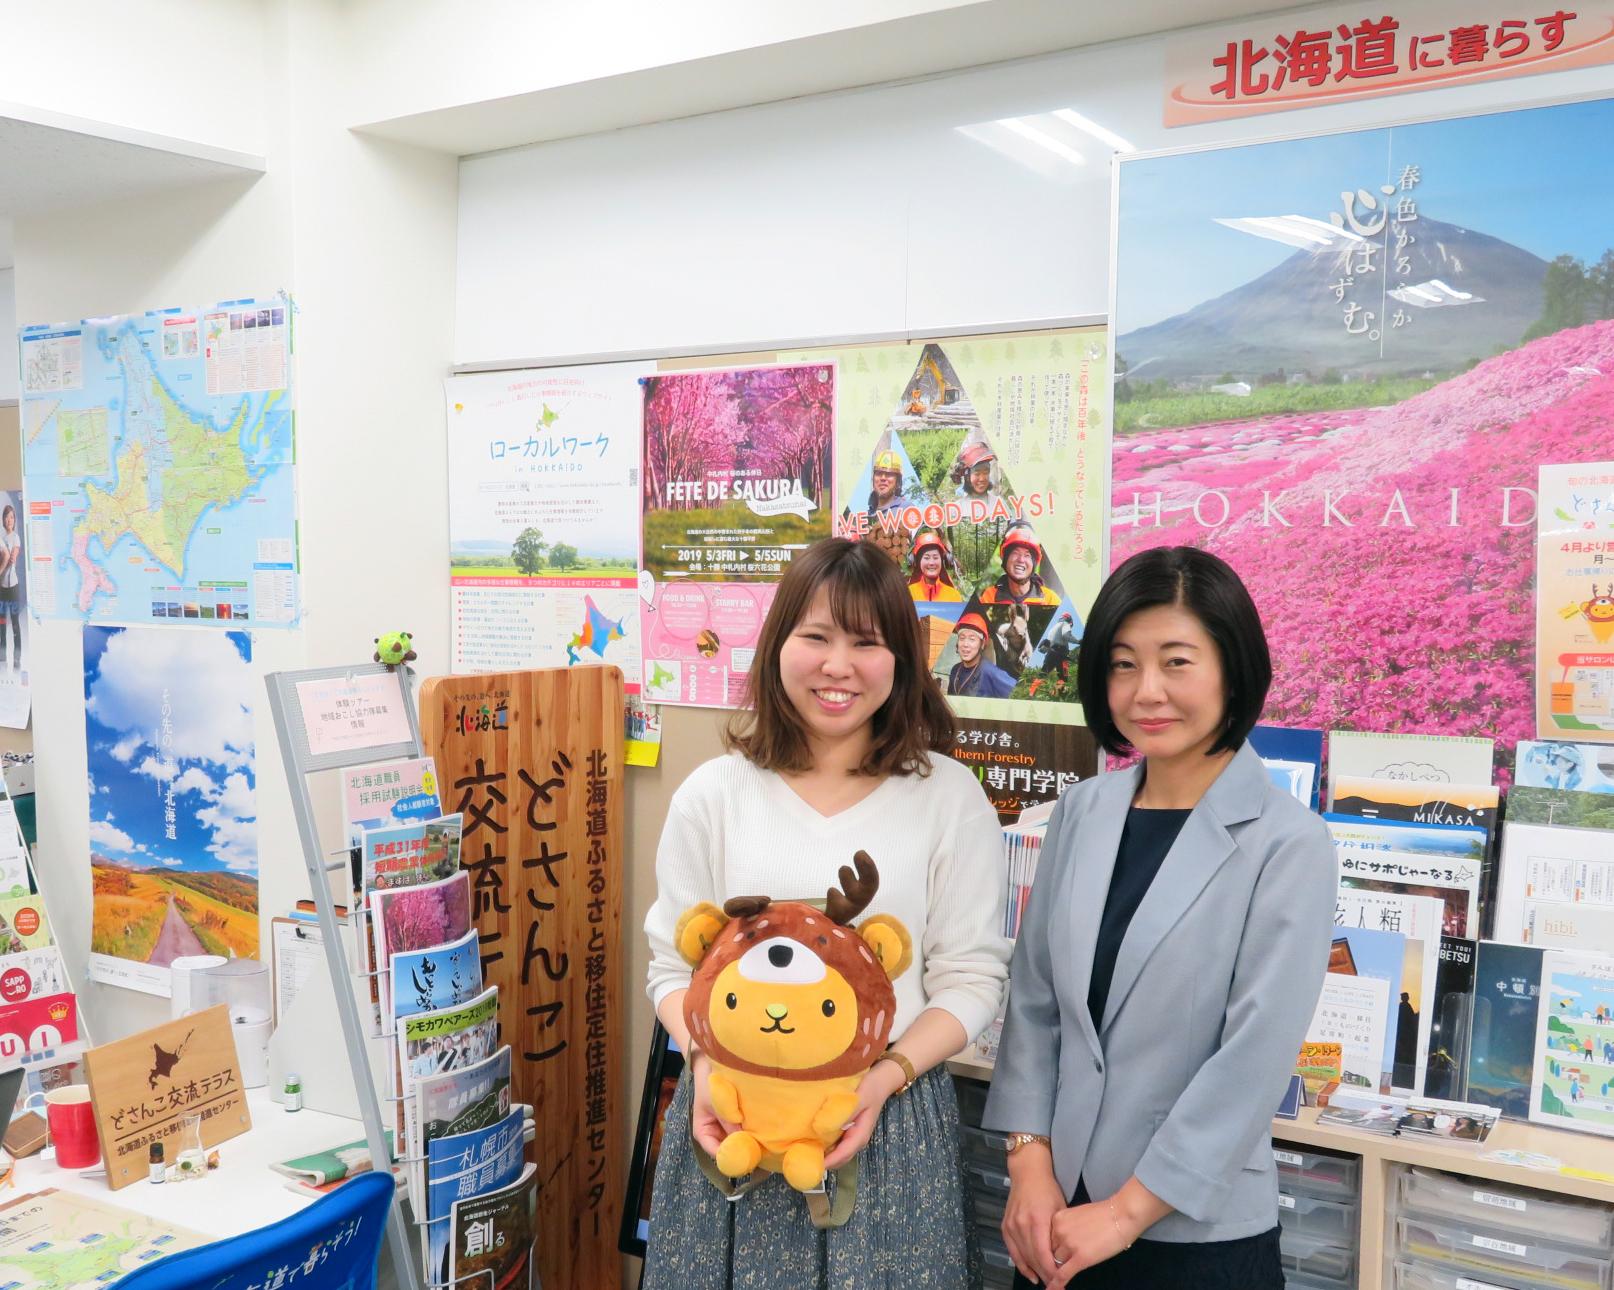 北海道ふるさと移住定住推進センター「どさんこ交流テラス」